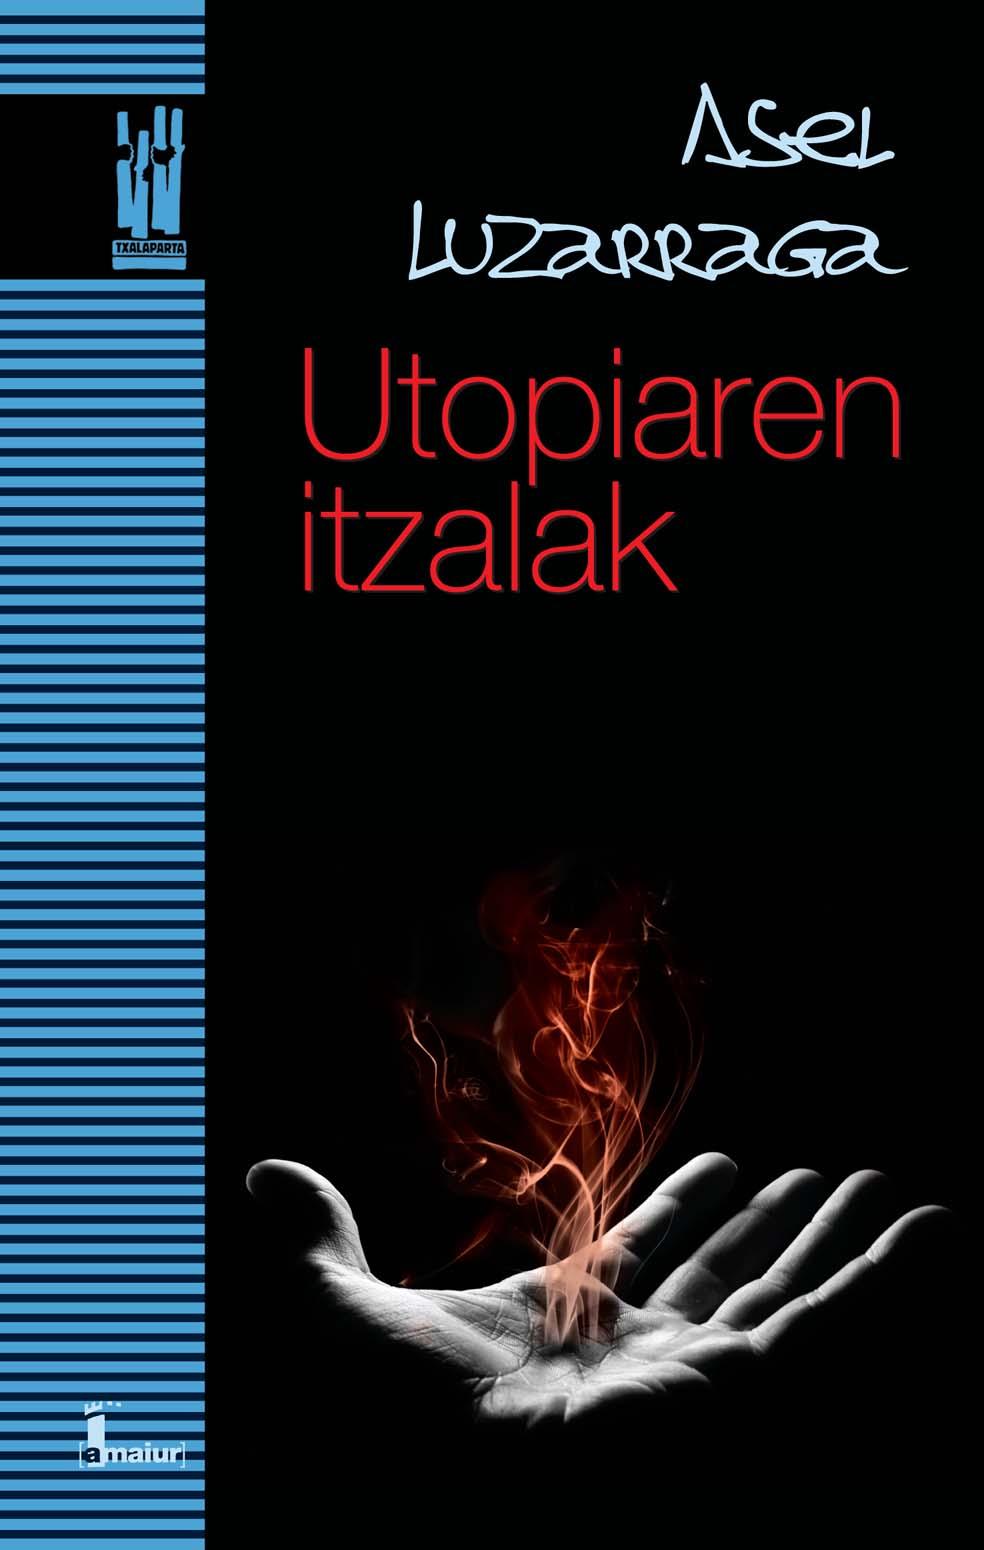 Utopiaren itzalak